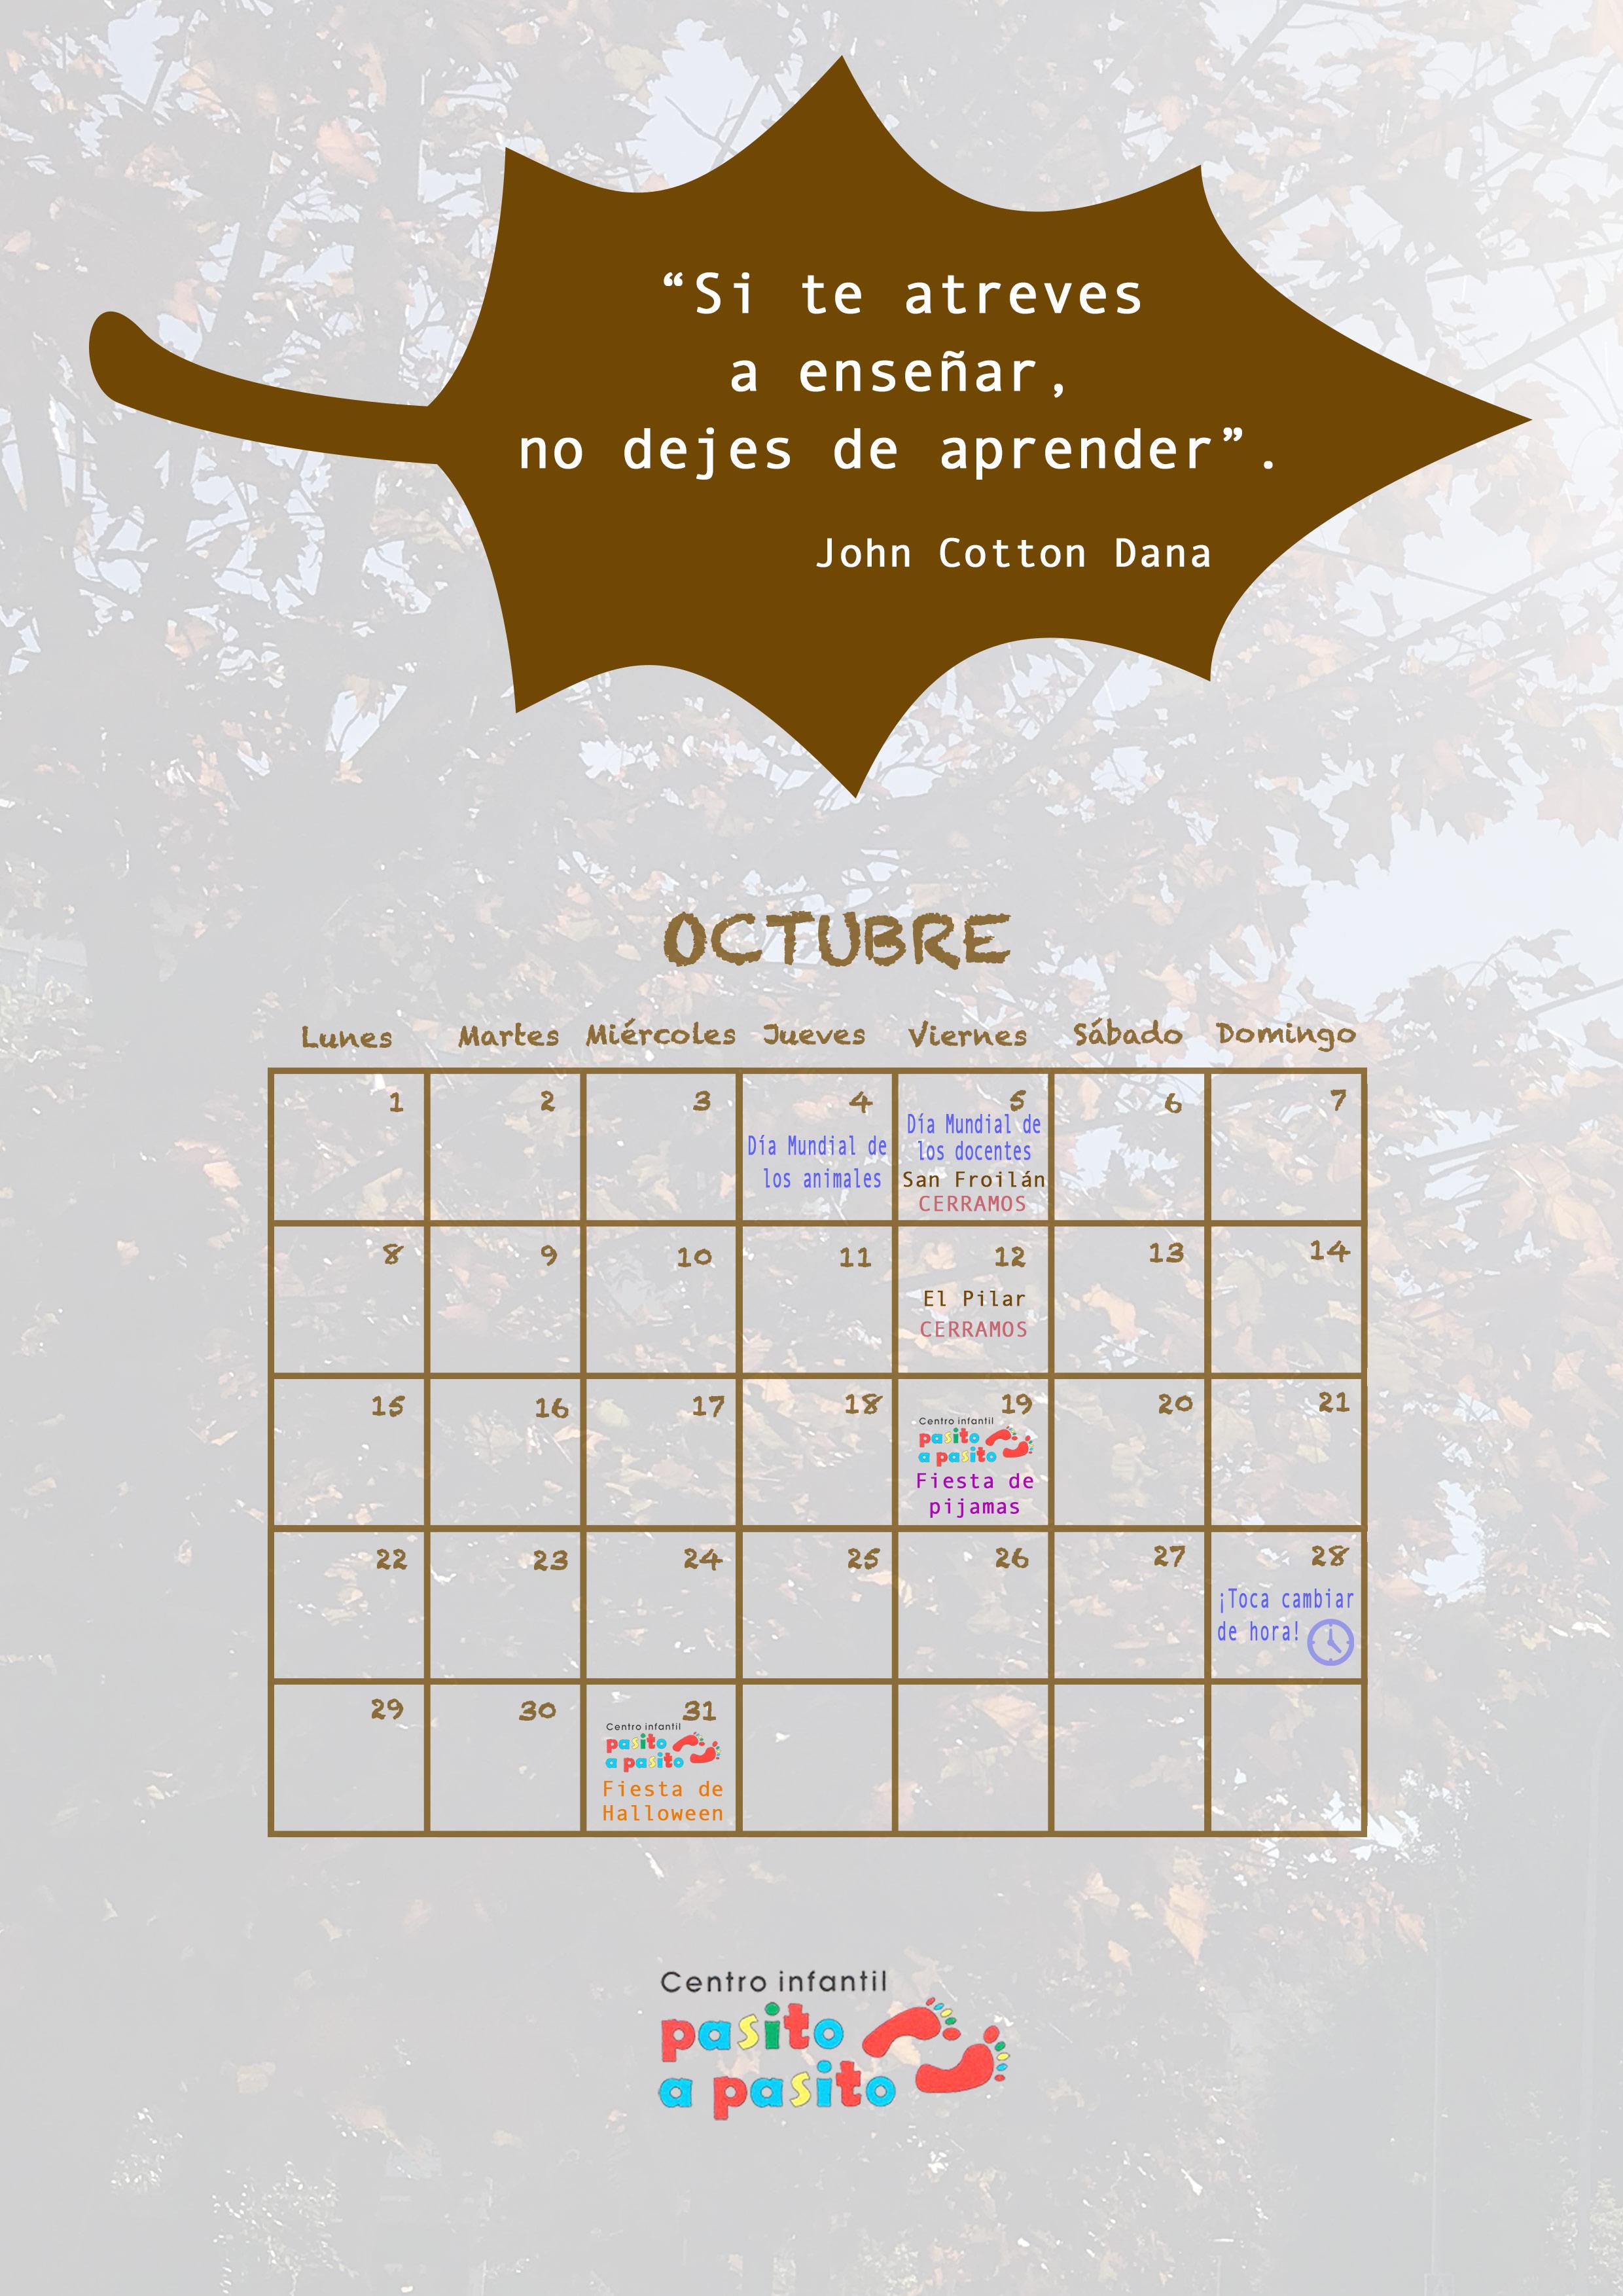 Calendario descargable de octubre 2018 - Centro infantil Pasito a Pasito León